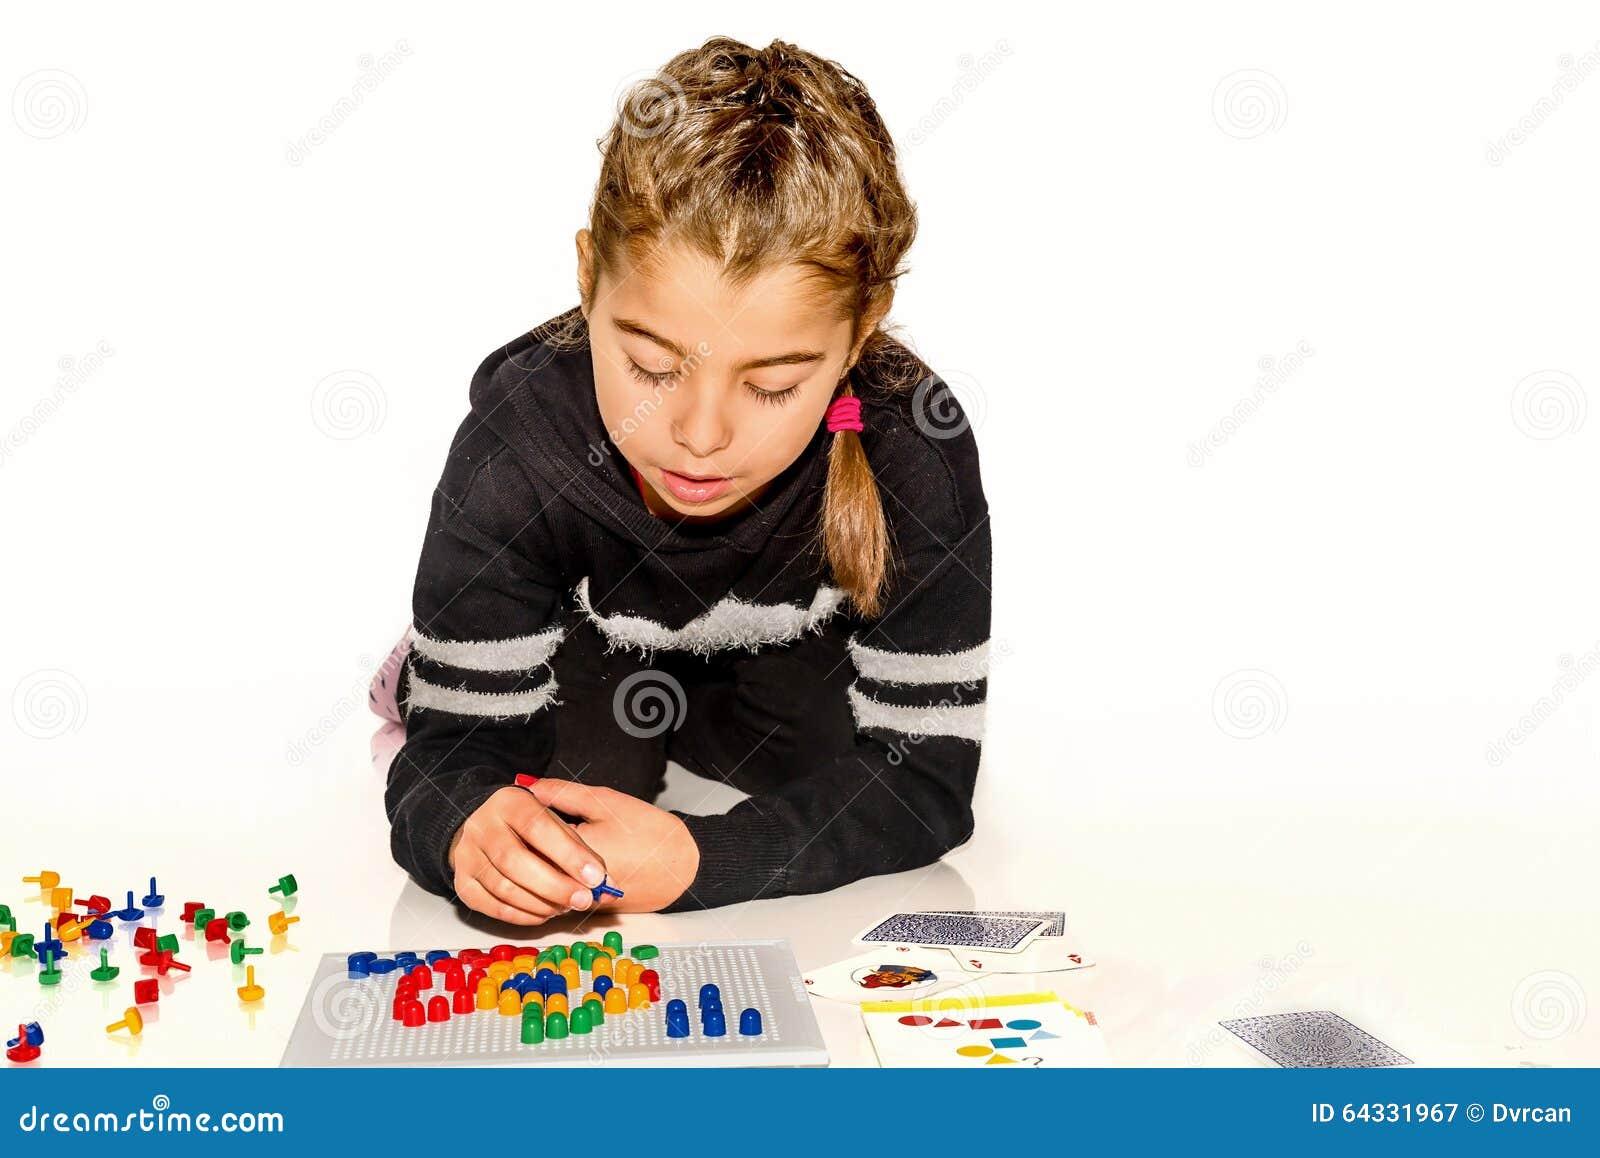 games white girl